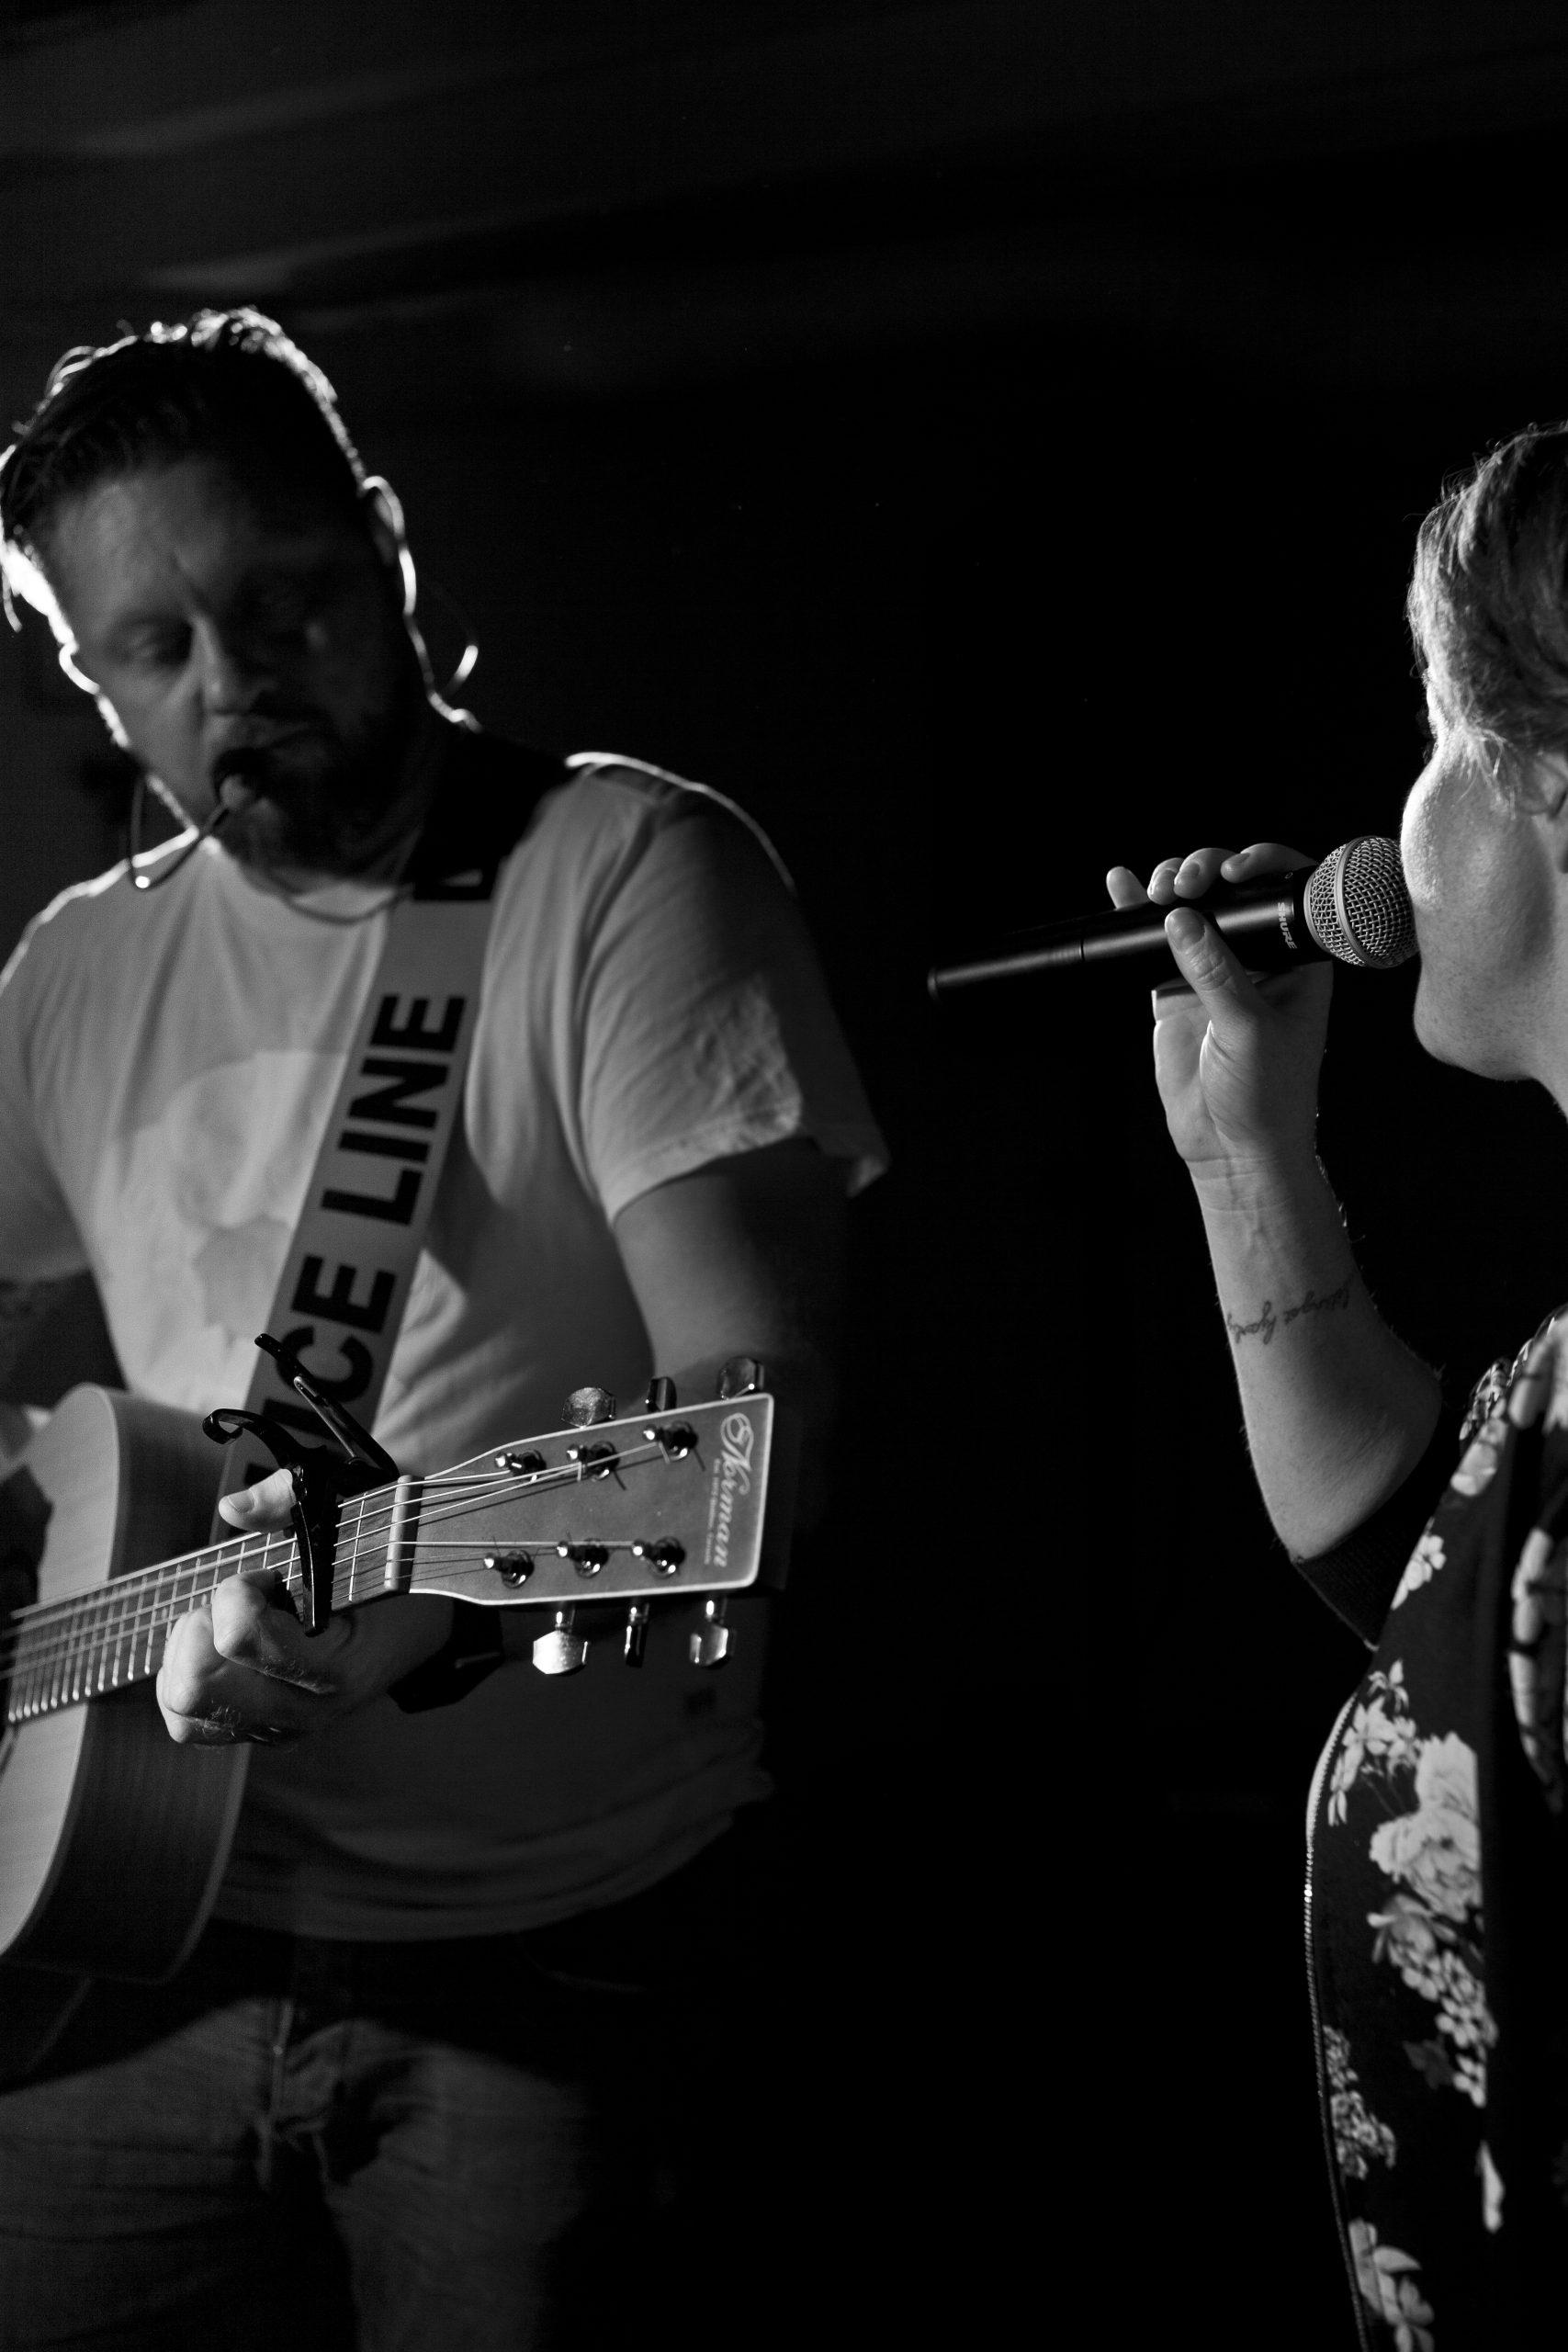 Live musikk til sommerfest - TwoPack duo